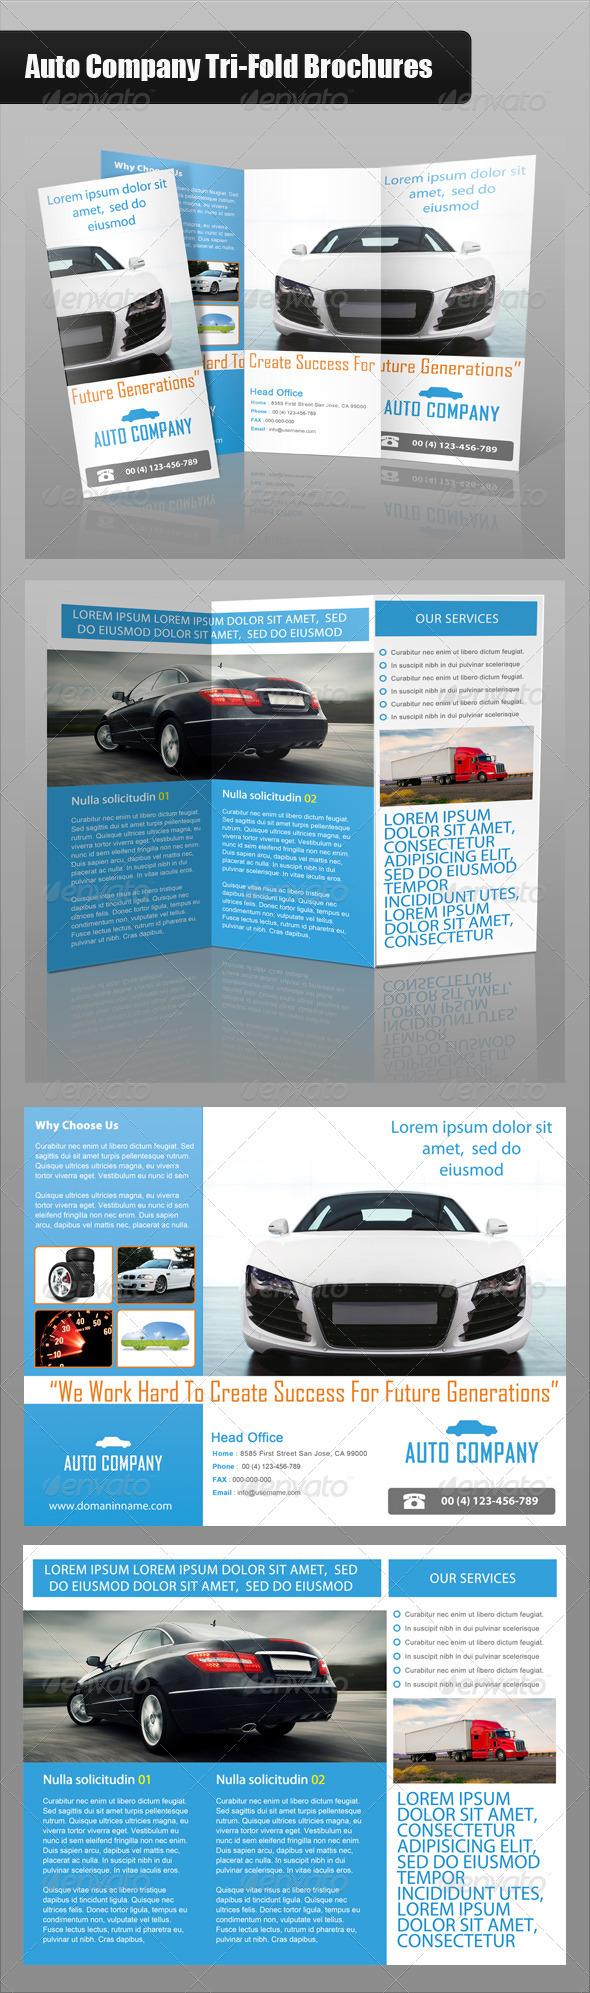 GraphicRiver Auto Company Tri-Fold Brochure 3576514